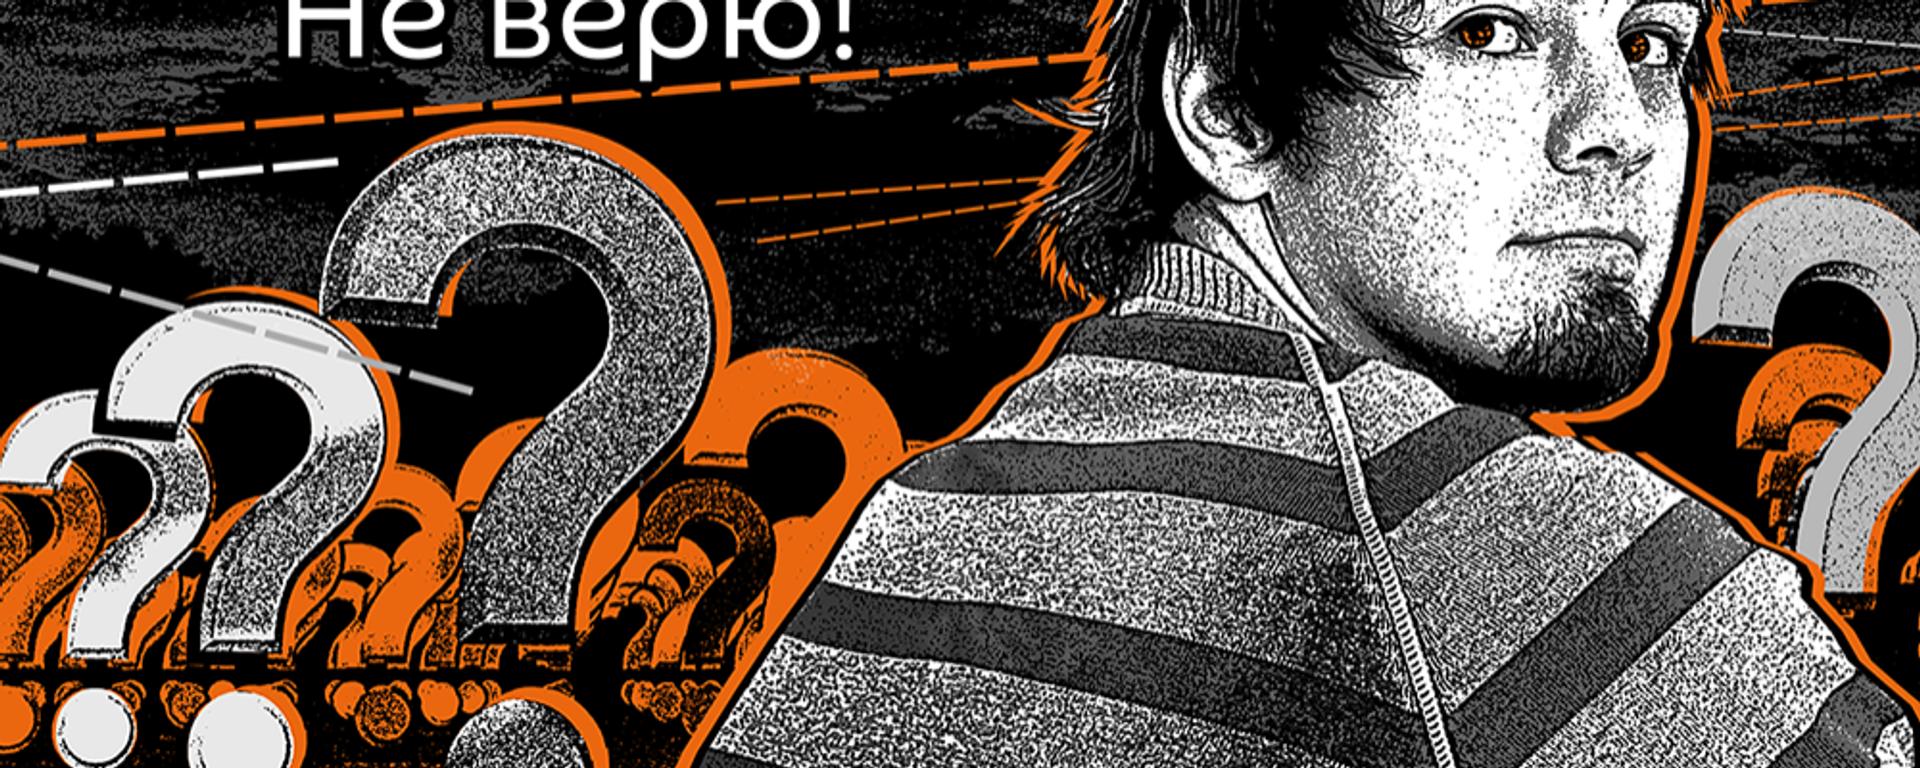 Рубрика Не верю - Sputnik Абхазия, 1920, 29.08.2021